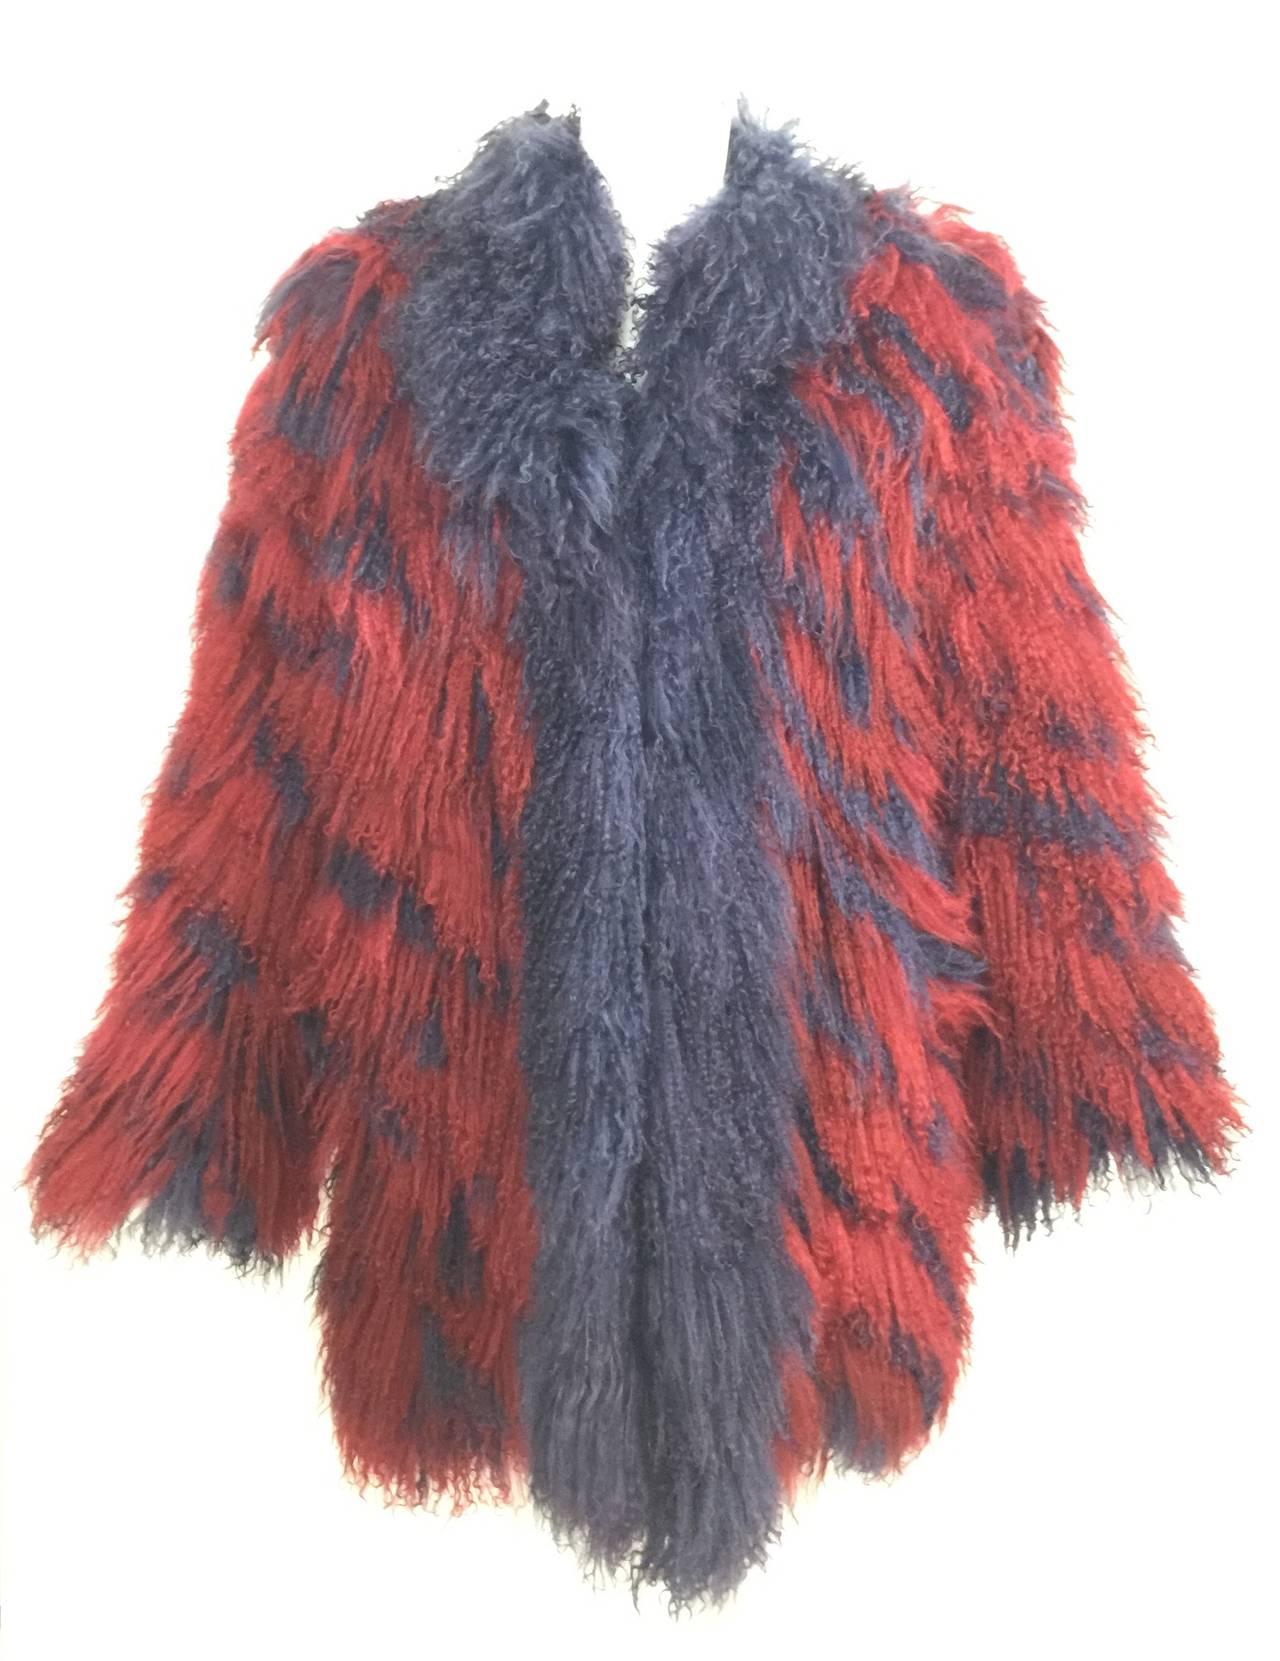 Vintage Yves Saint Laurent Fourrures Iconic Mongolian Red & Purple Fur Coat 5